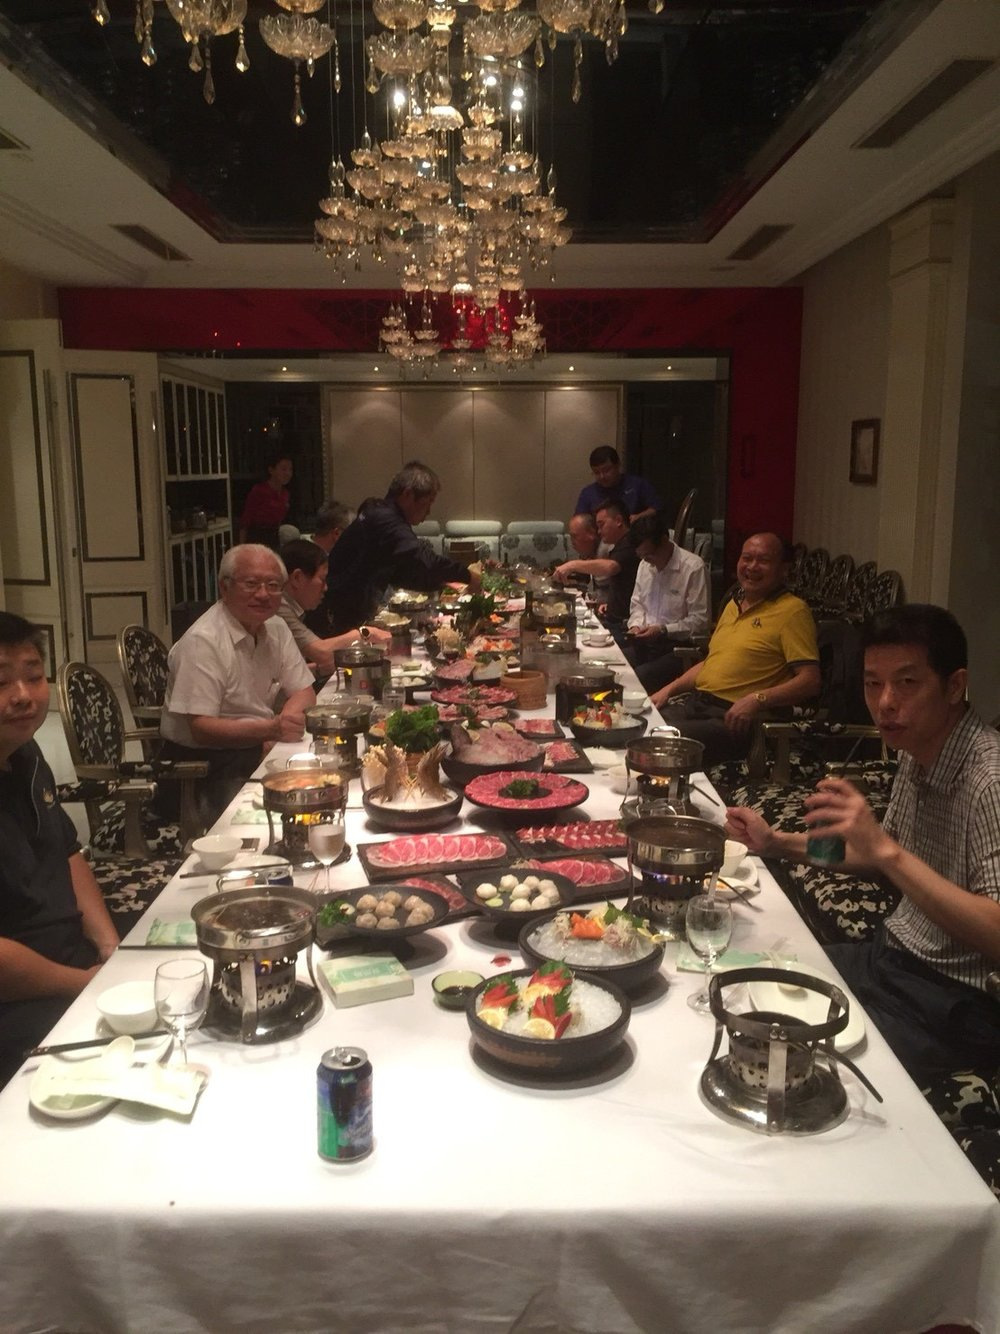 慶祝教師節 感恩餐會 20170927_170928_0018.jpg